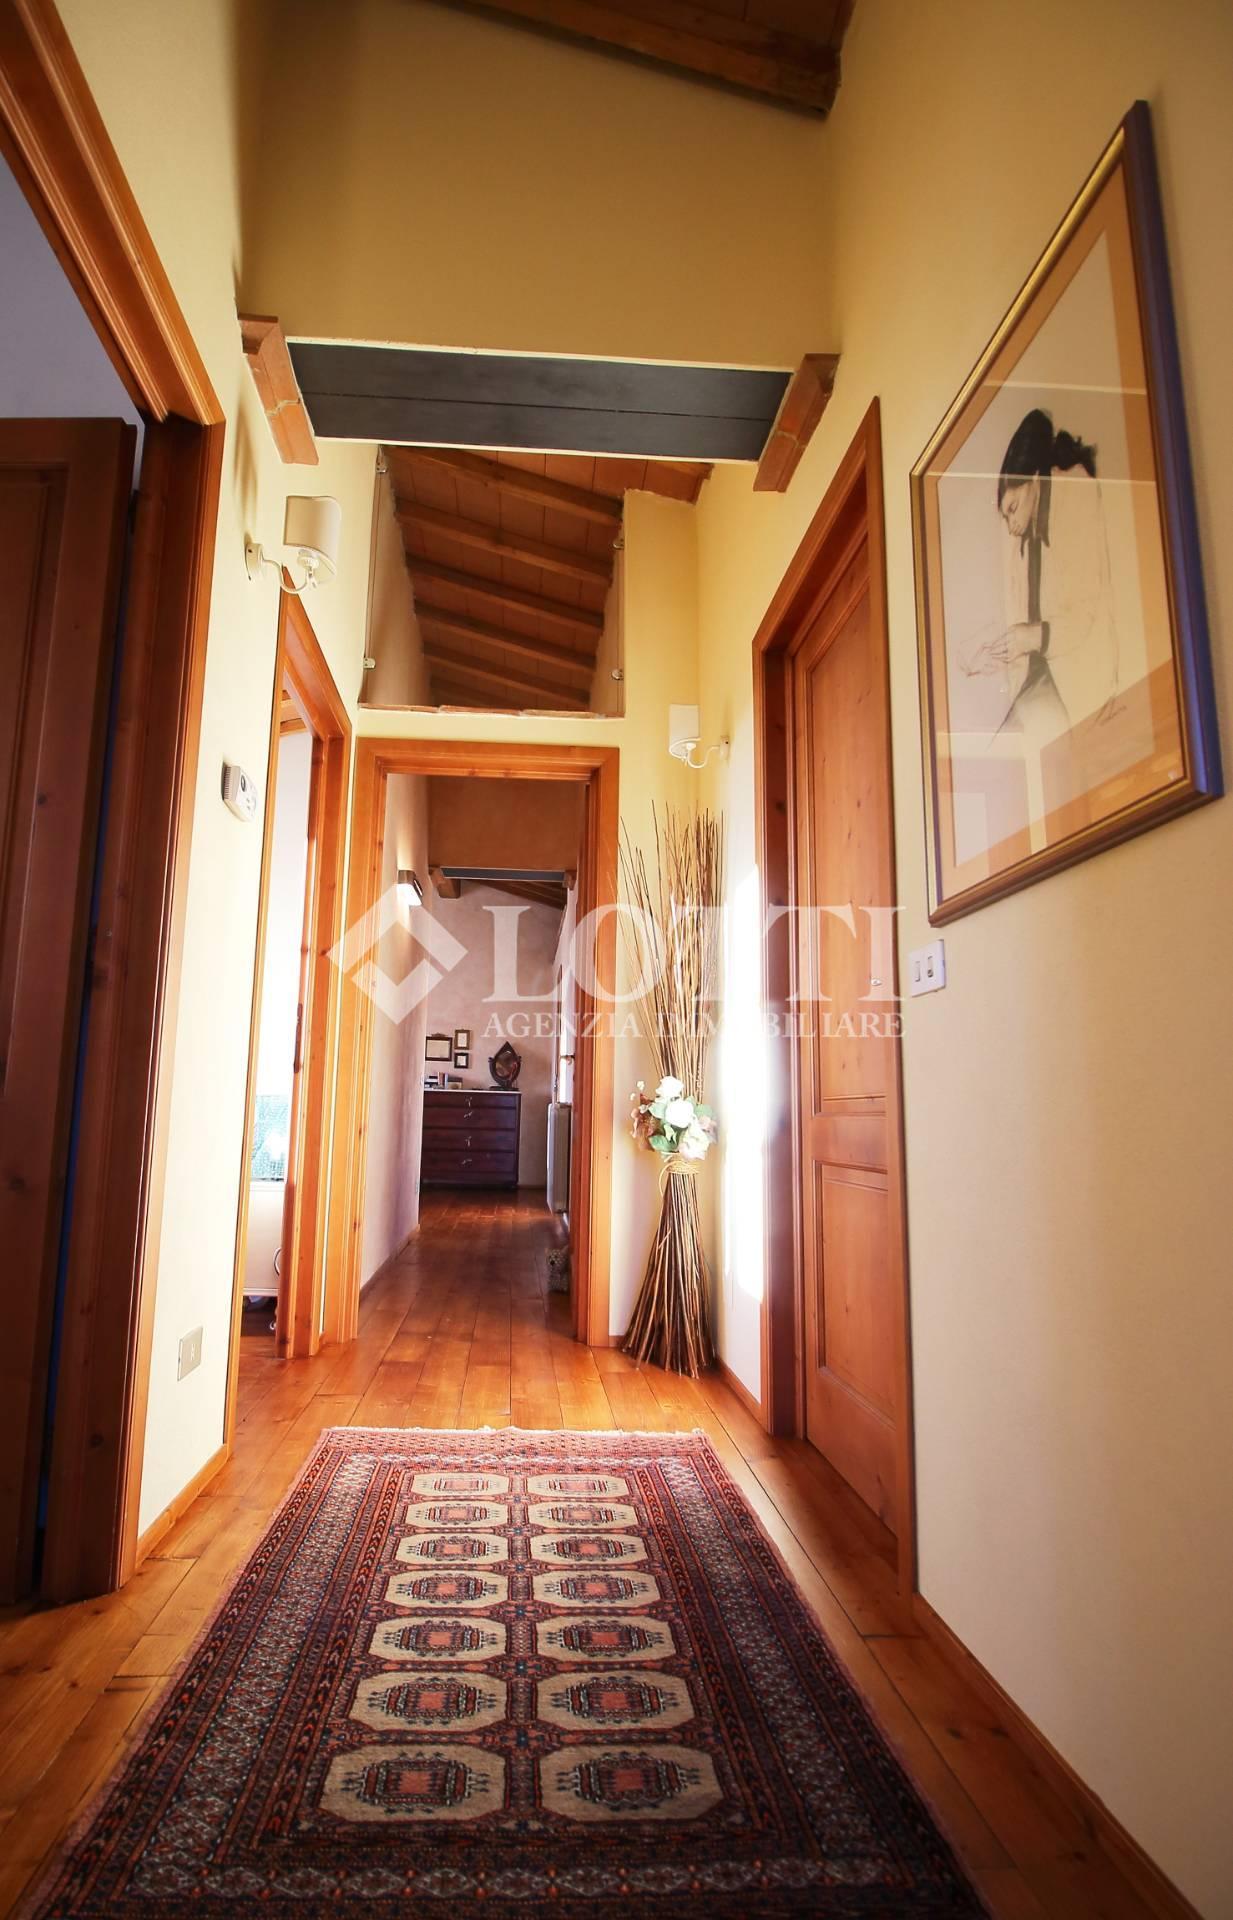 Rustico for sale, ref. 170